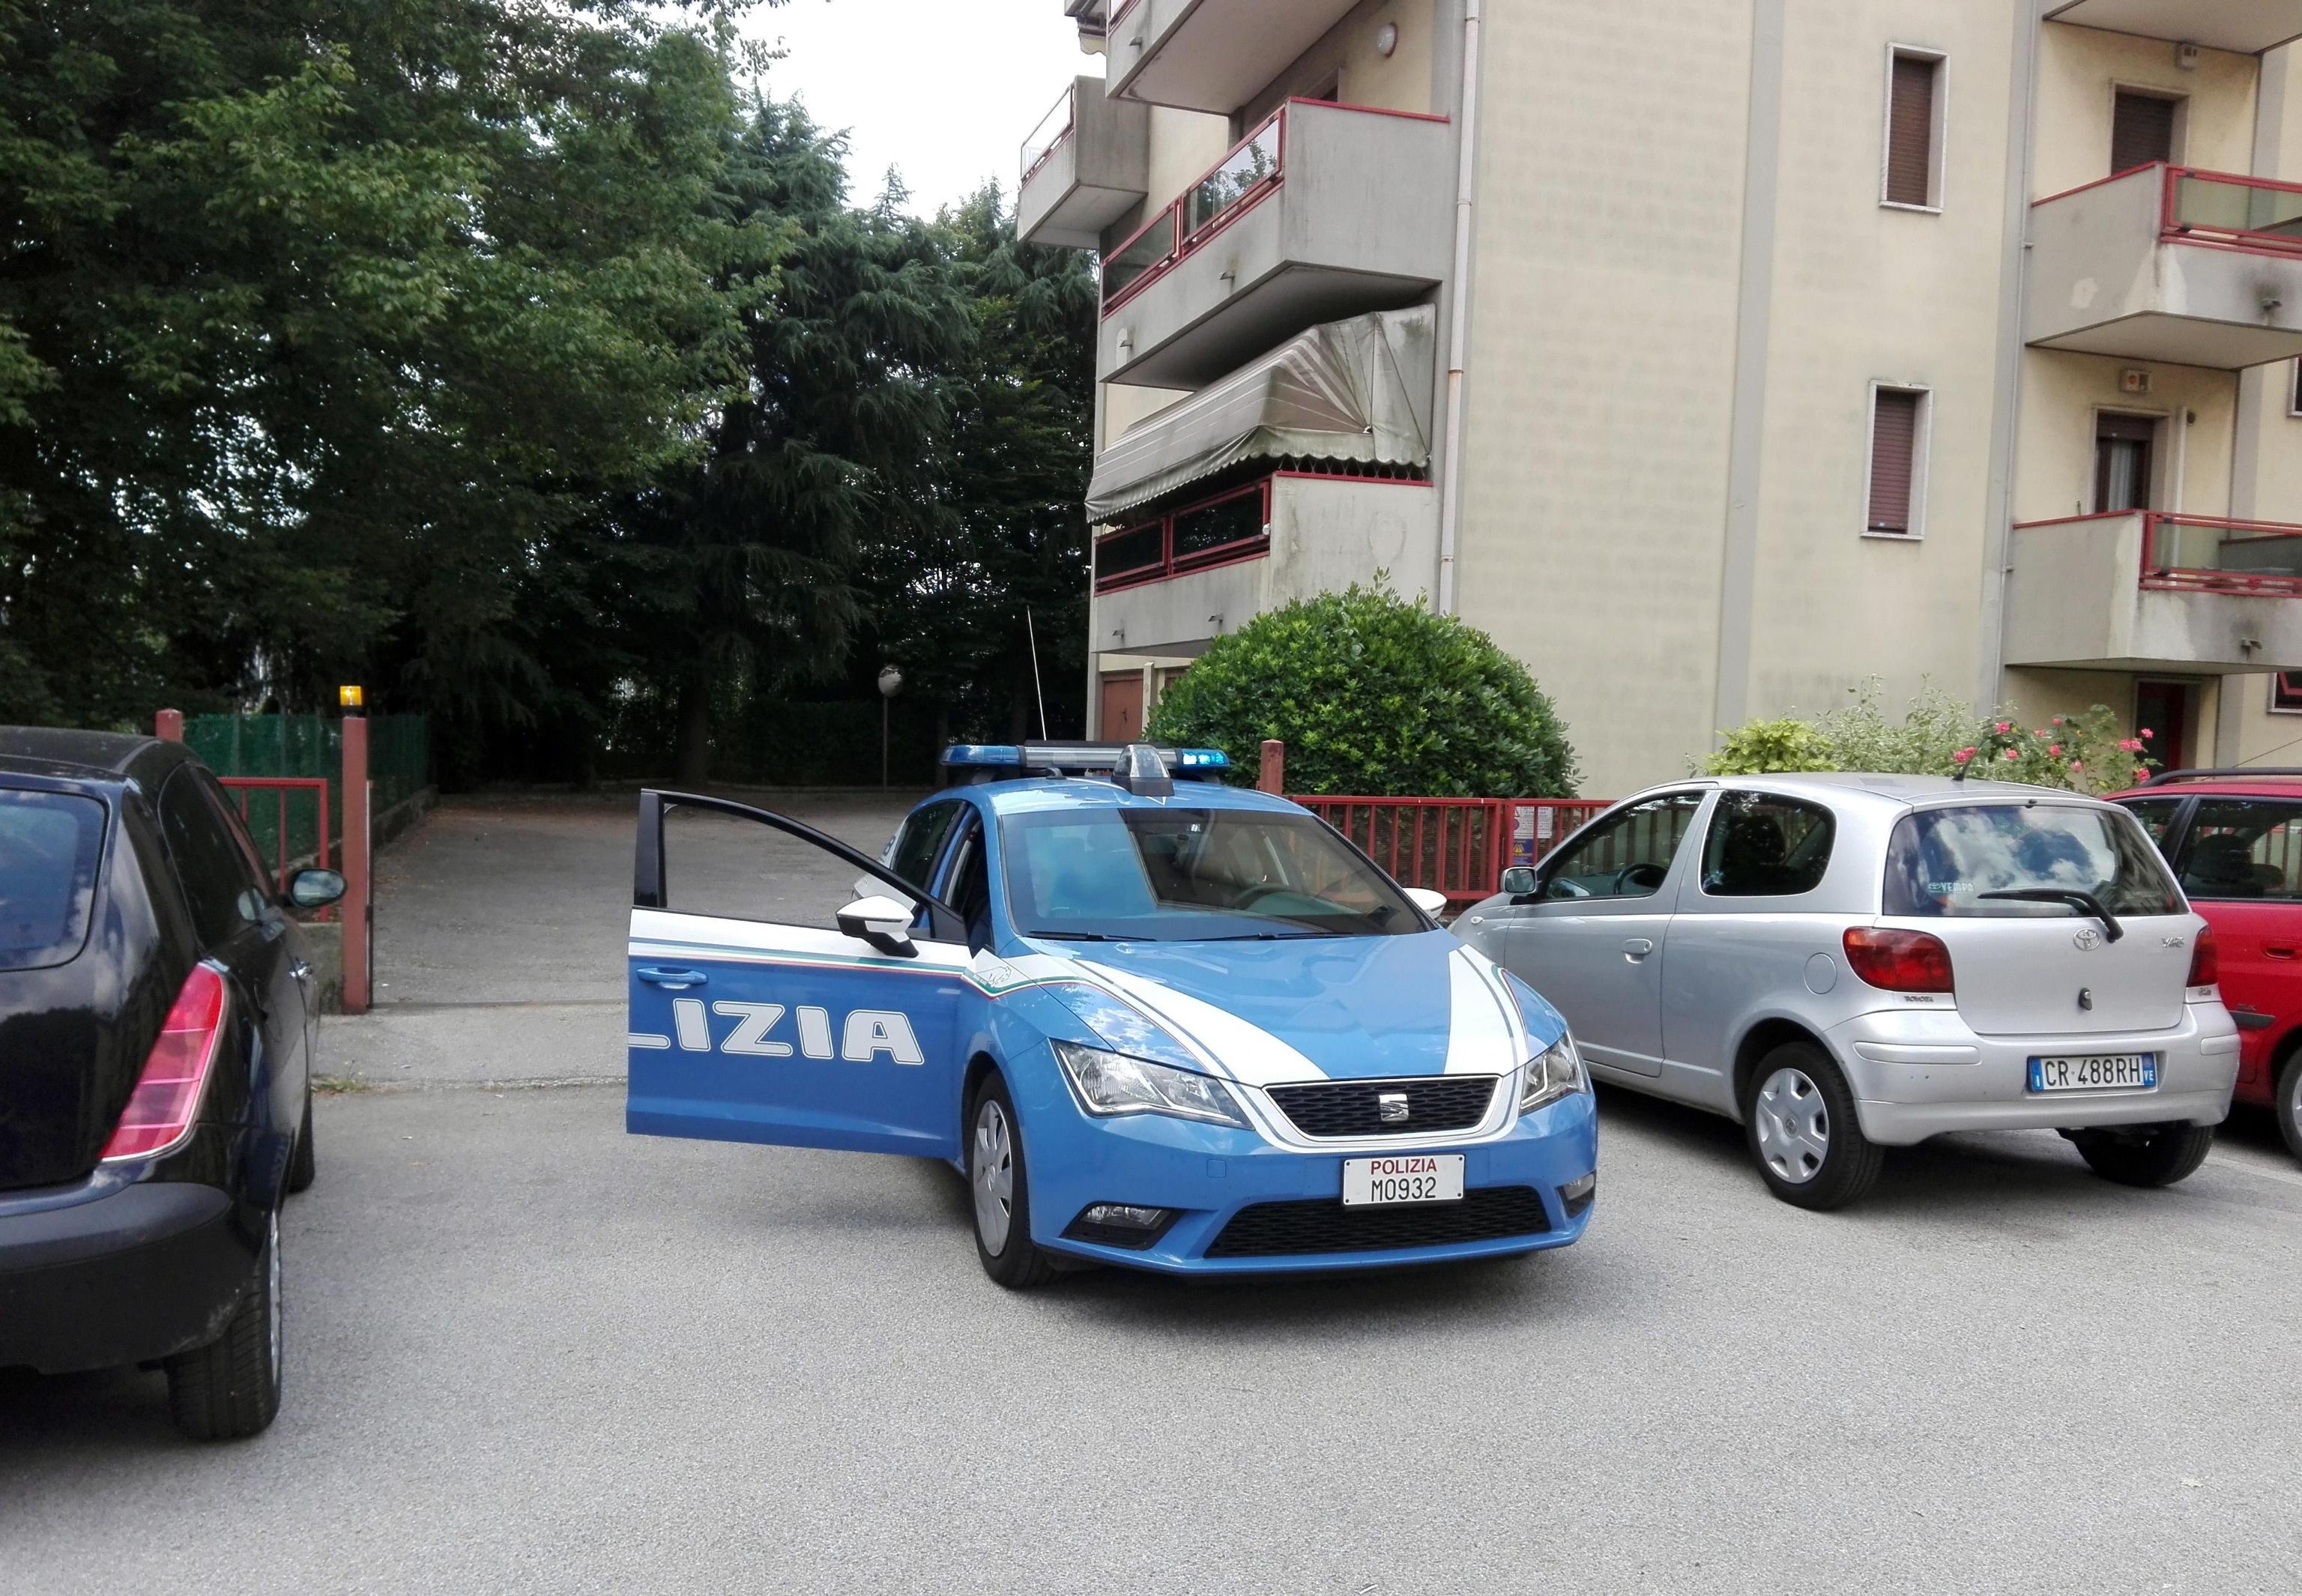 Coppia uccisa a Mestre: l'autopsia rivela che la donna era incinta